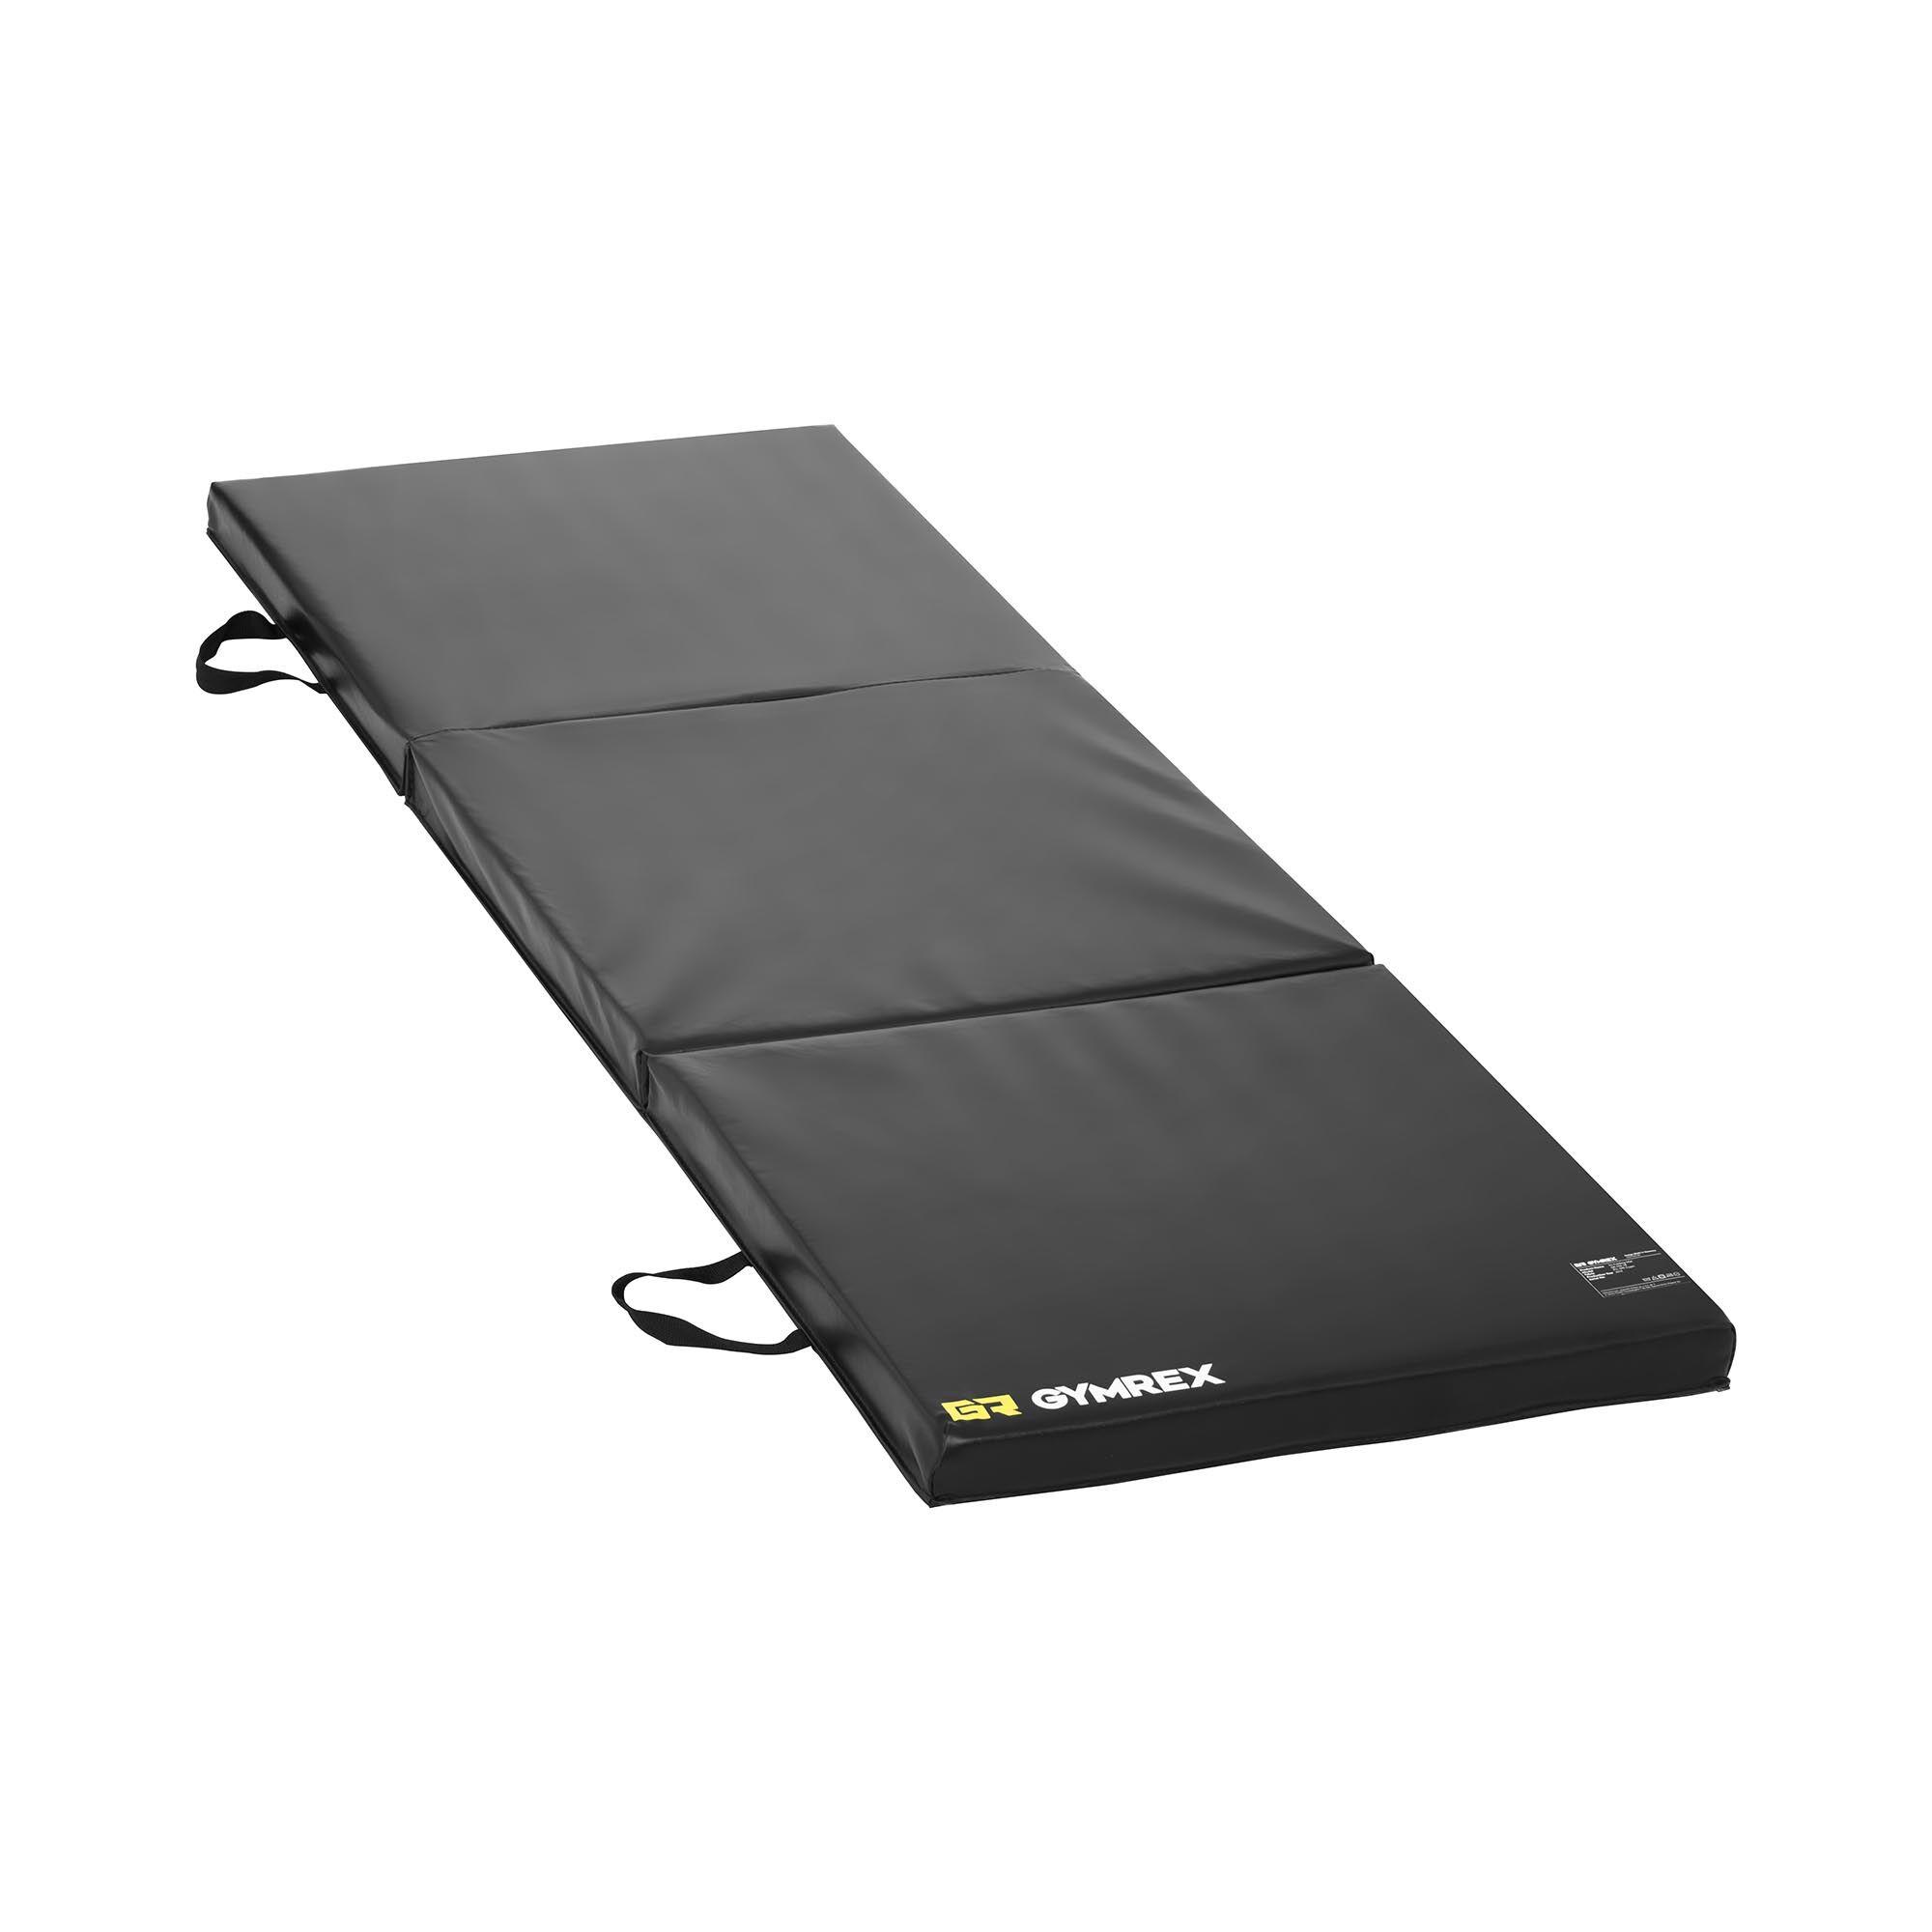 Gymrex Matelas de gym pliable - Noir - 180 x 60 x 5 cm GR-FM 18